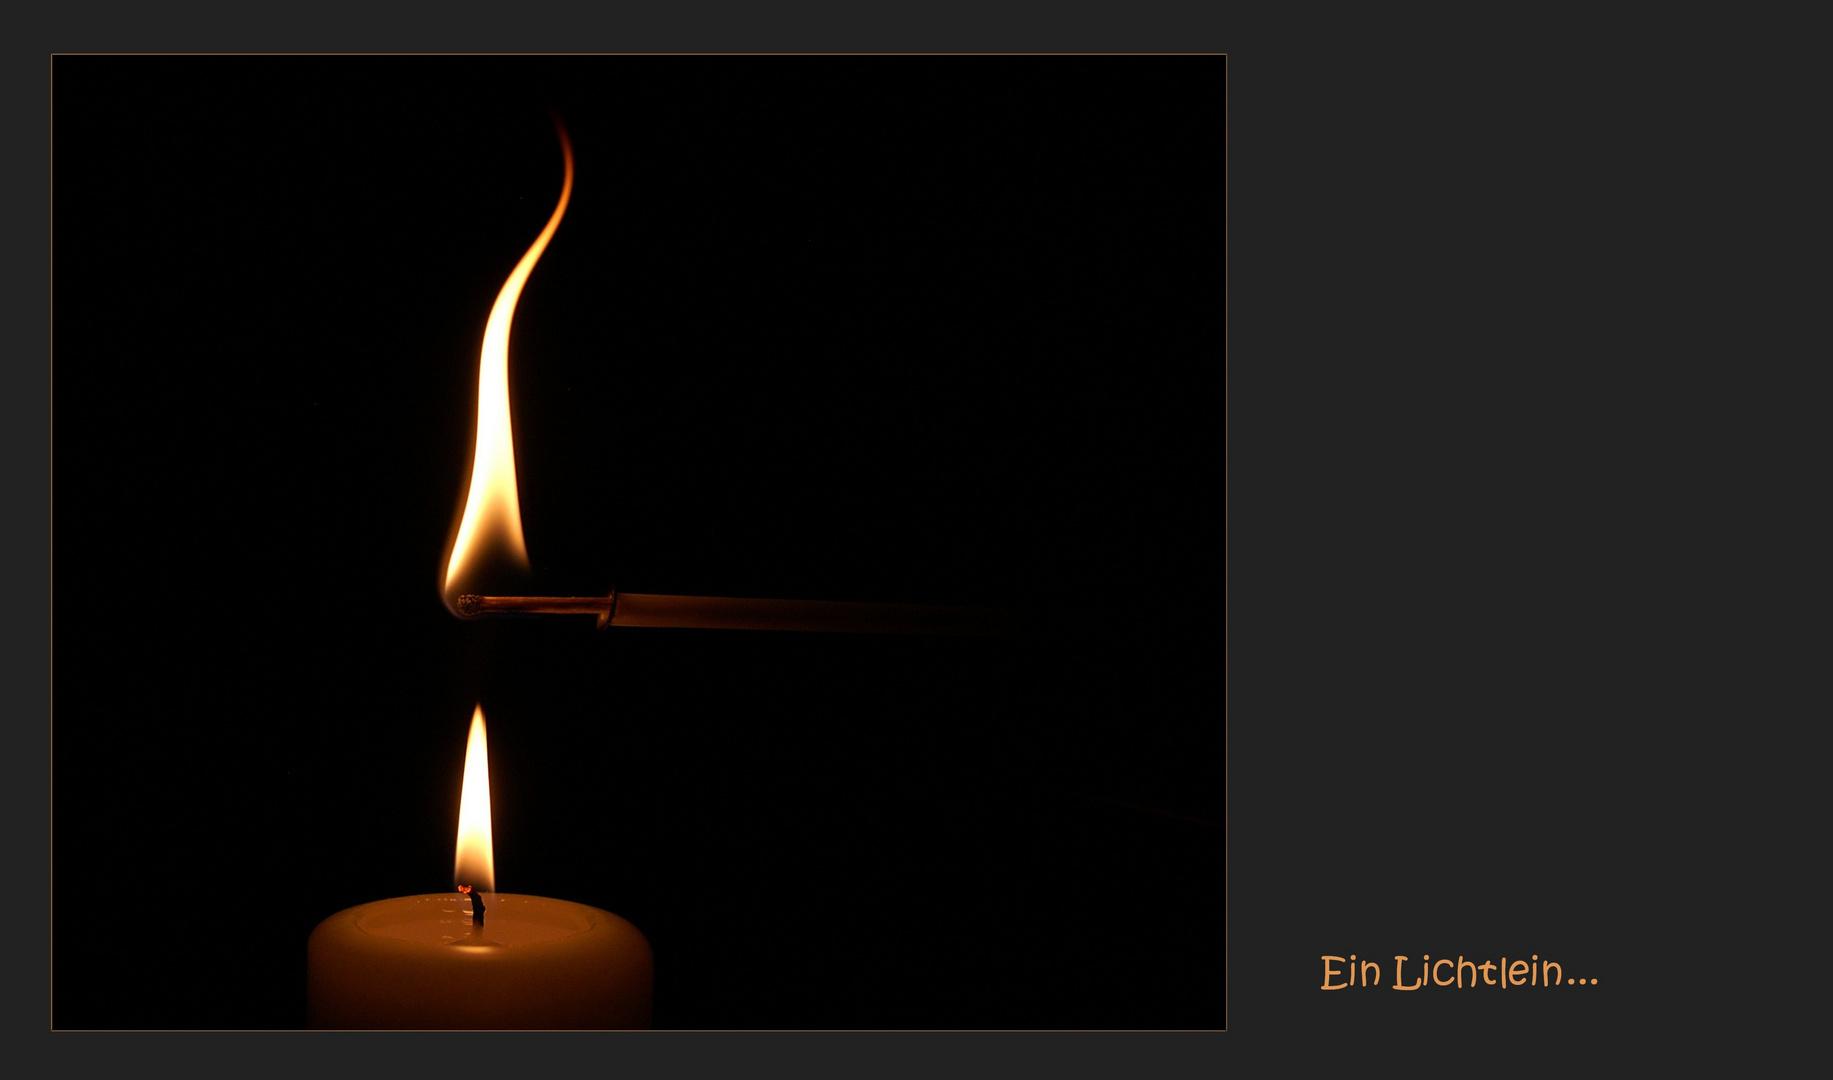 Für jeden ein wenig Licht und Wärme :-)